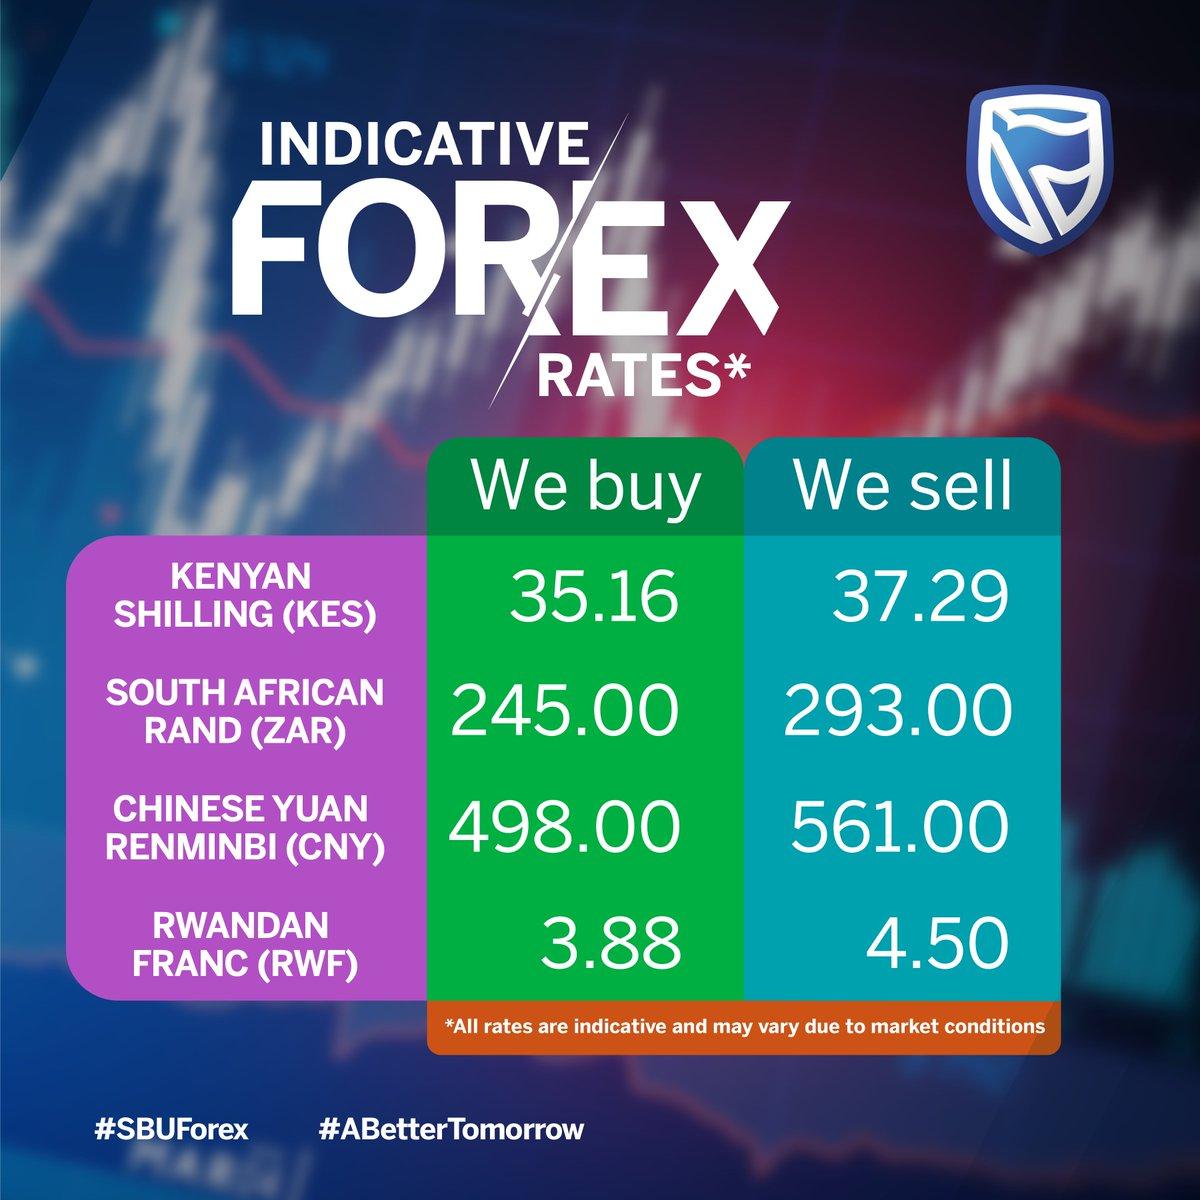 Forex Rates Stanbic Bank Uganda   Forex Scalping Group